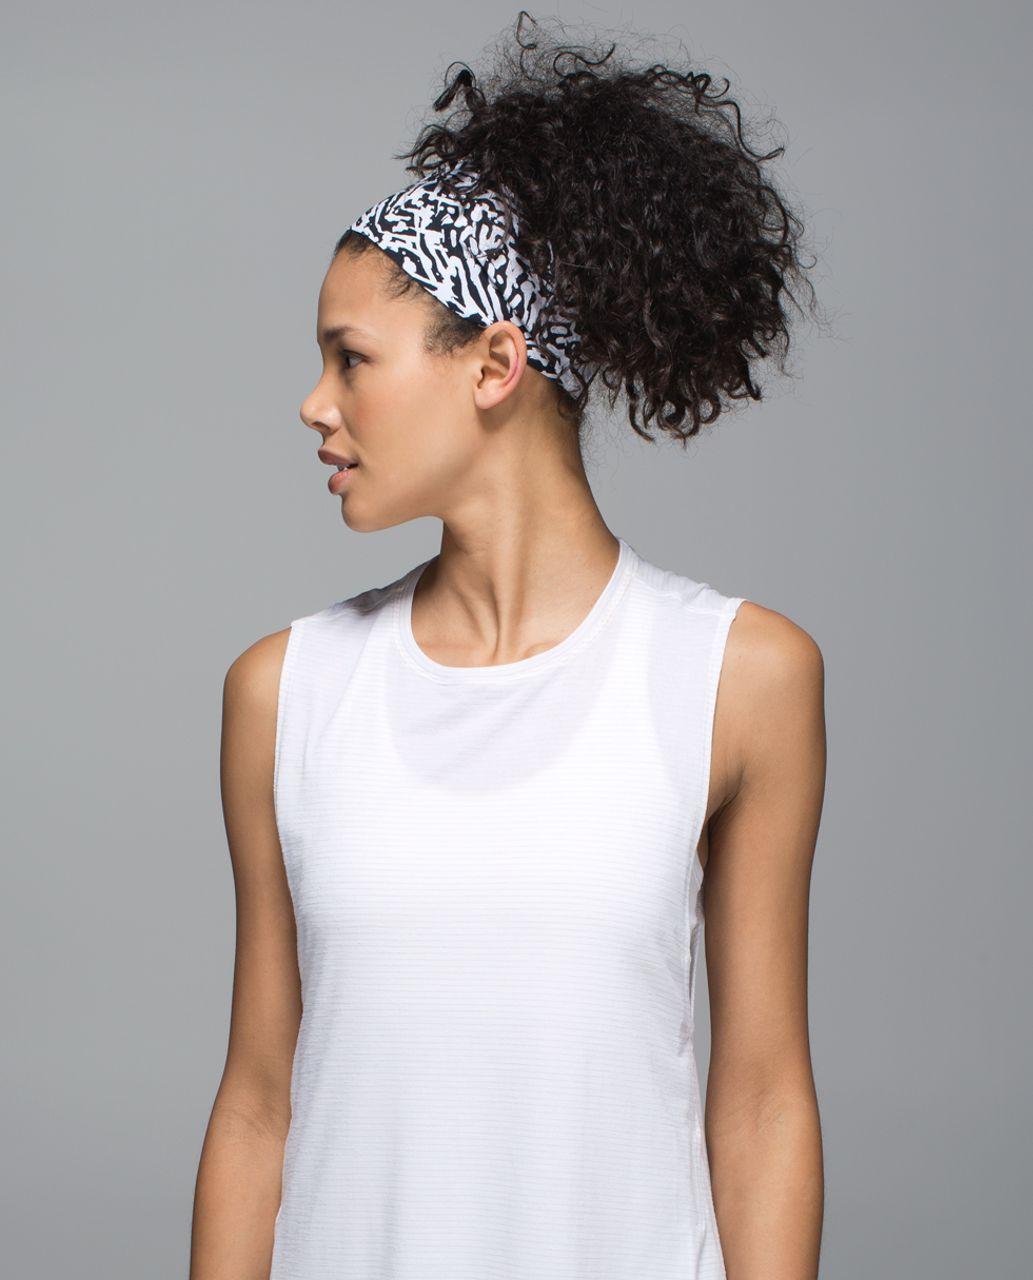 Lululemon Fringe Fighter Headband *Beach - Brushed Animal Black White / Black